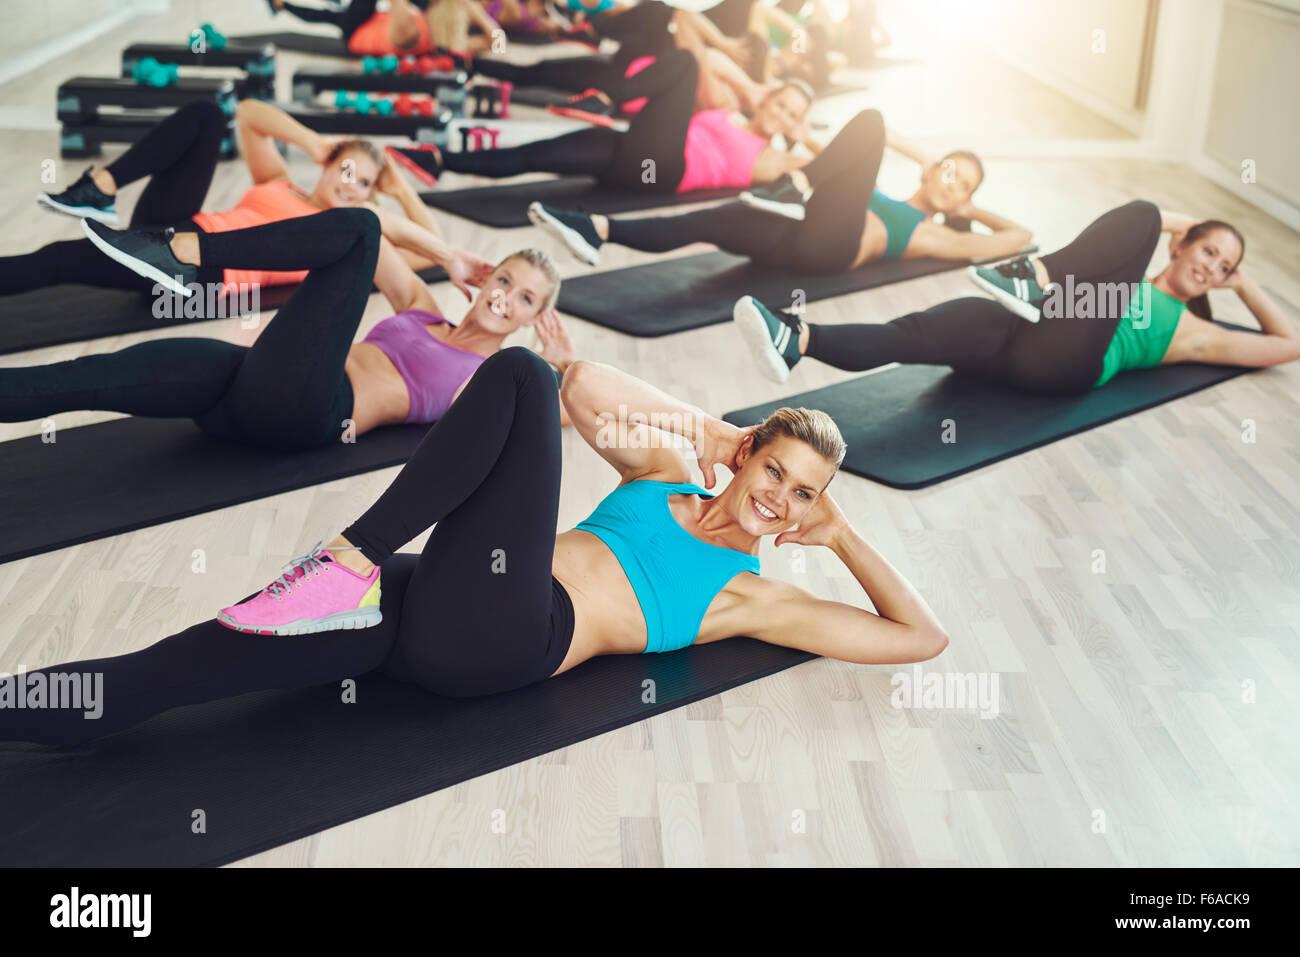 Gruppe von Fit gesunde junge Frauen in einer Turnhalle tragen bunte Sportbekleidung arbeiten in einem Aerobic-Kurs Stockbild